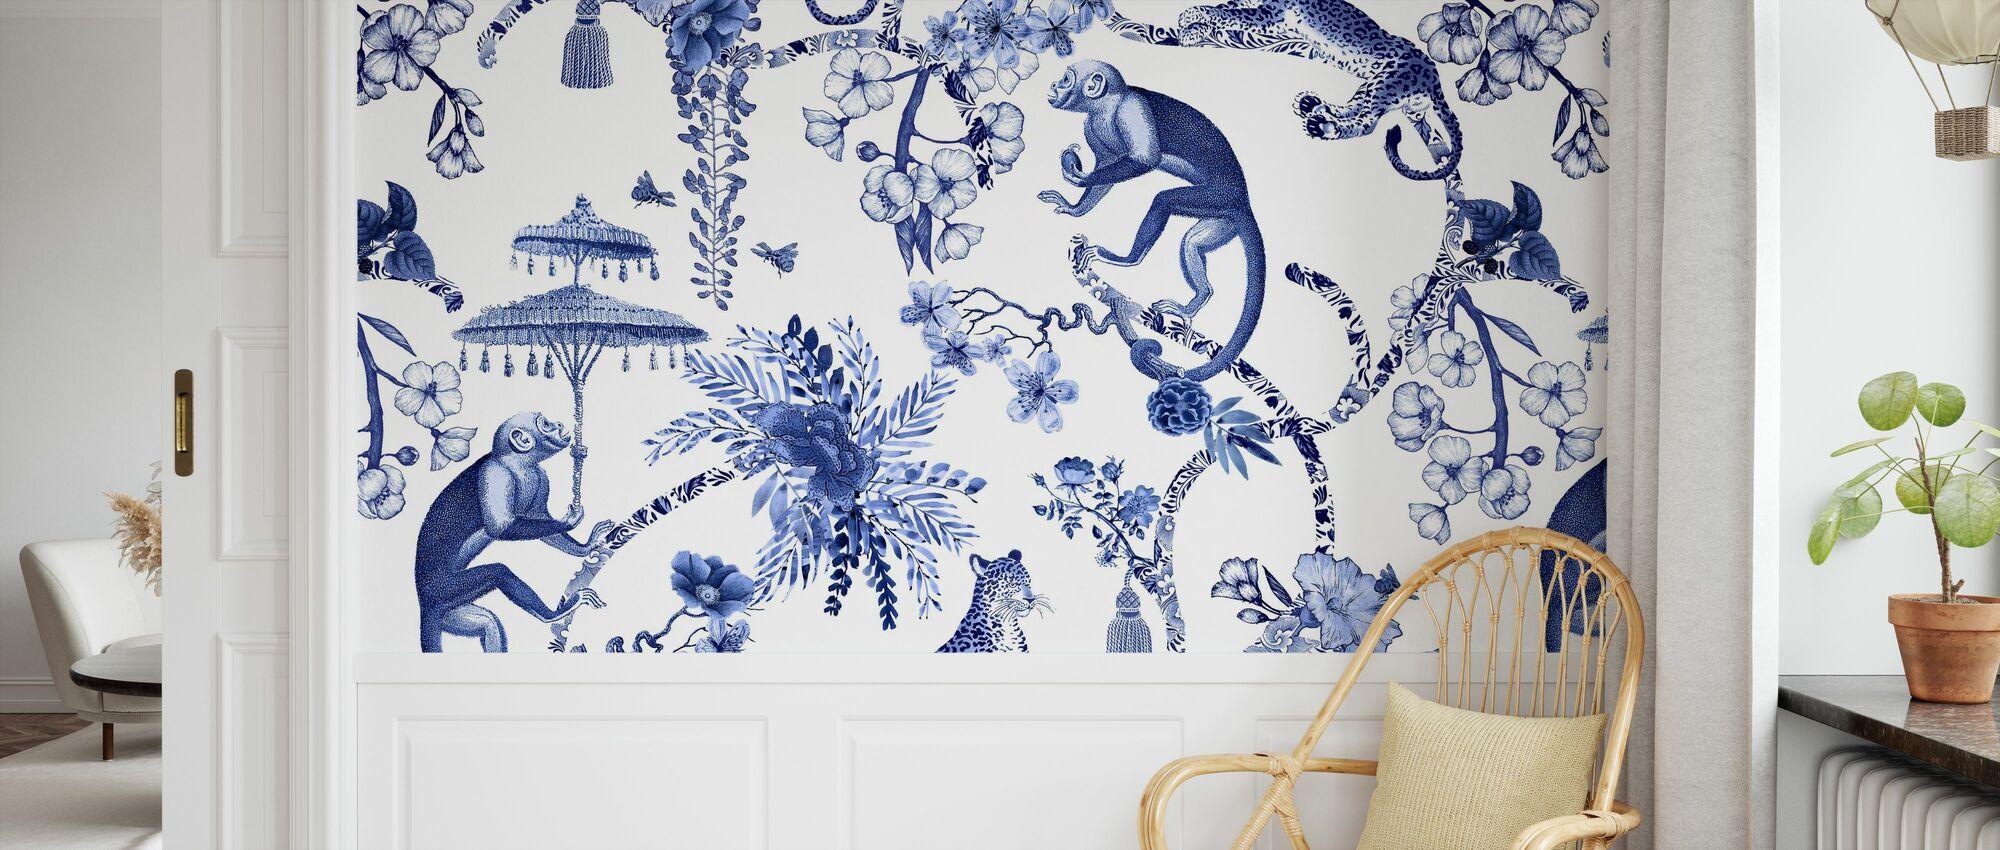 Chinoiserie Whimsy Garden Blue - Wallpaper - Kids Room